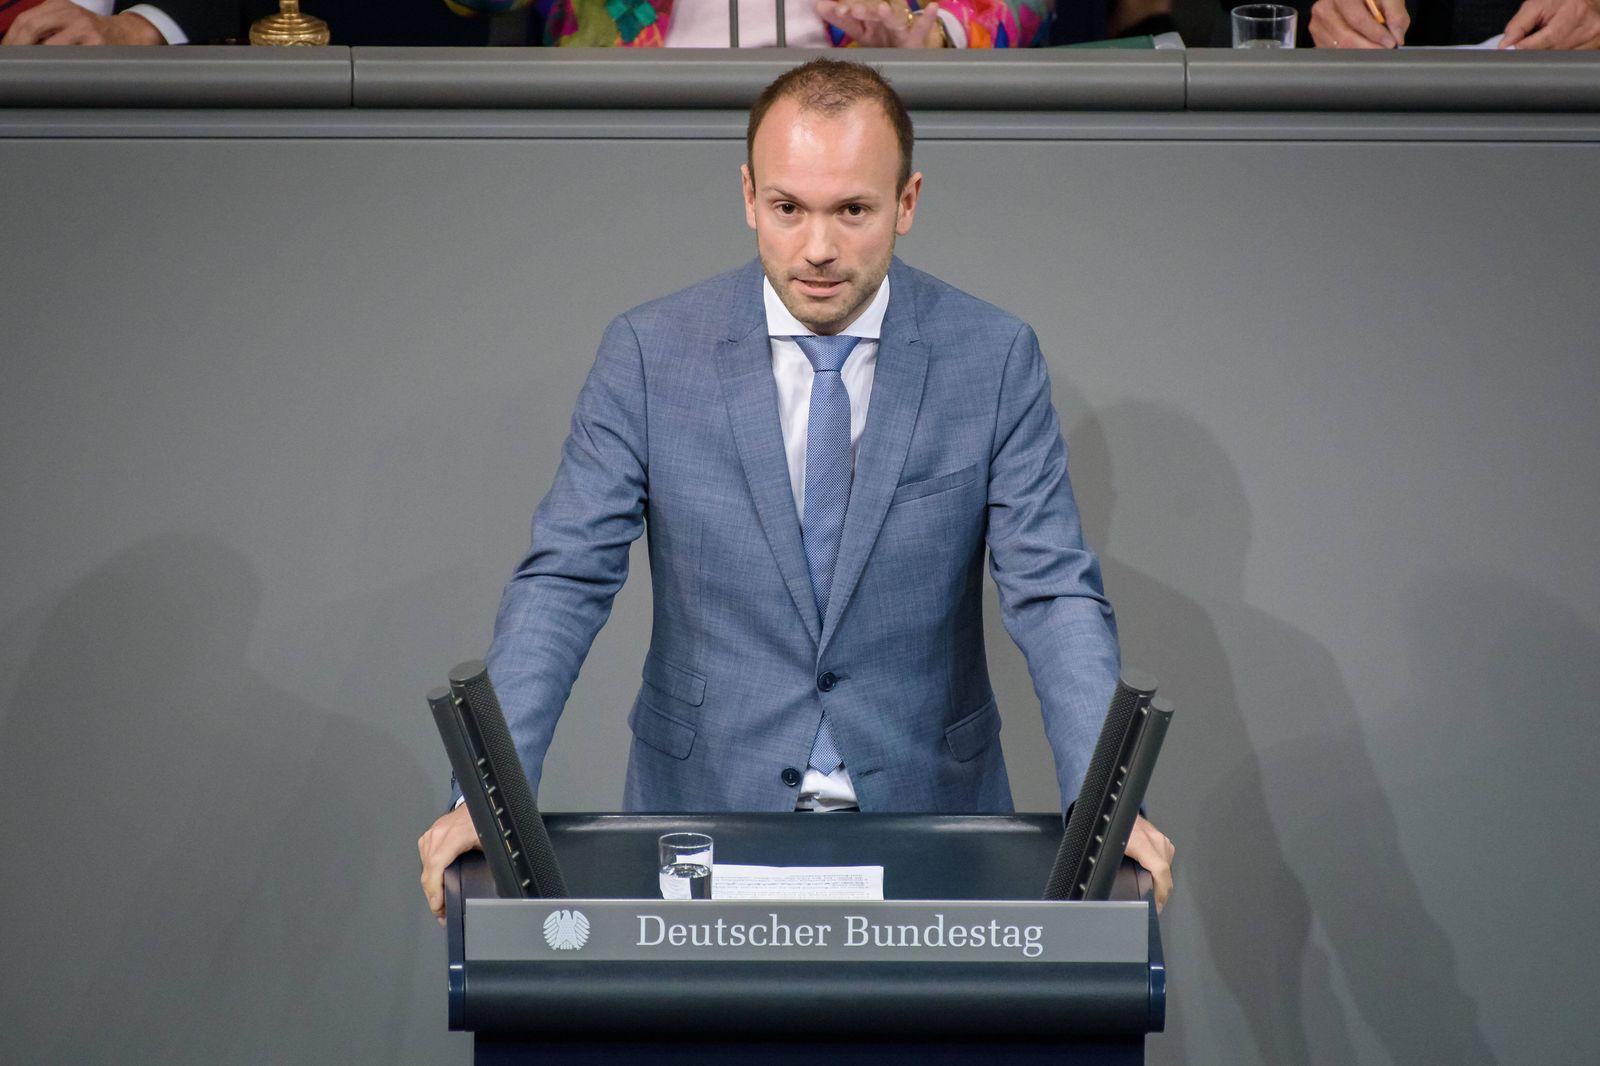 Sitzung des deutschen Bundestags Deutschland, Berlin - 24.10.2019: Im Bild ist Nikolas Löbel (CDU) während der Sitzung d